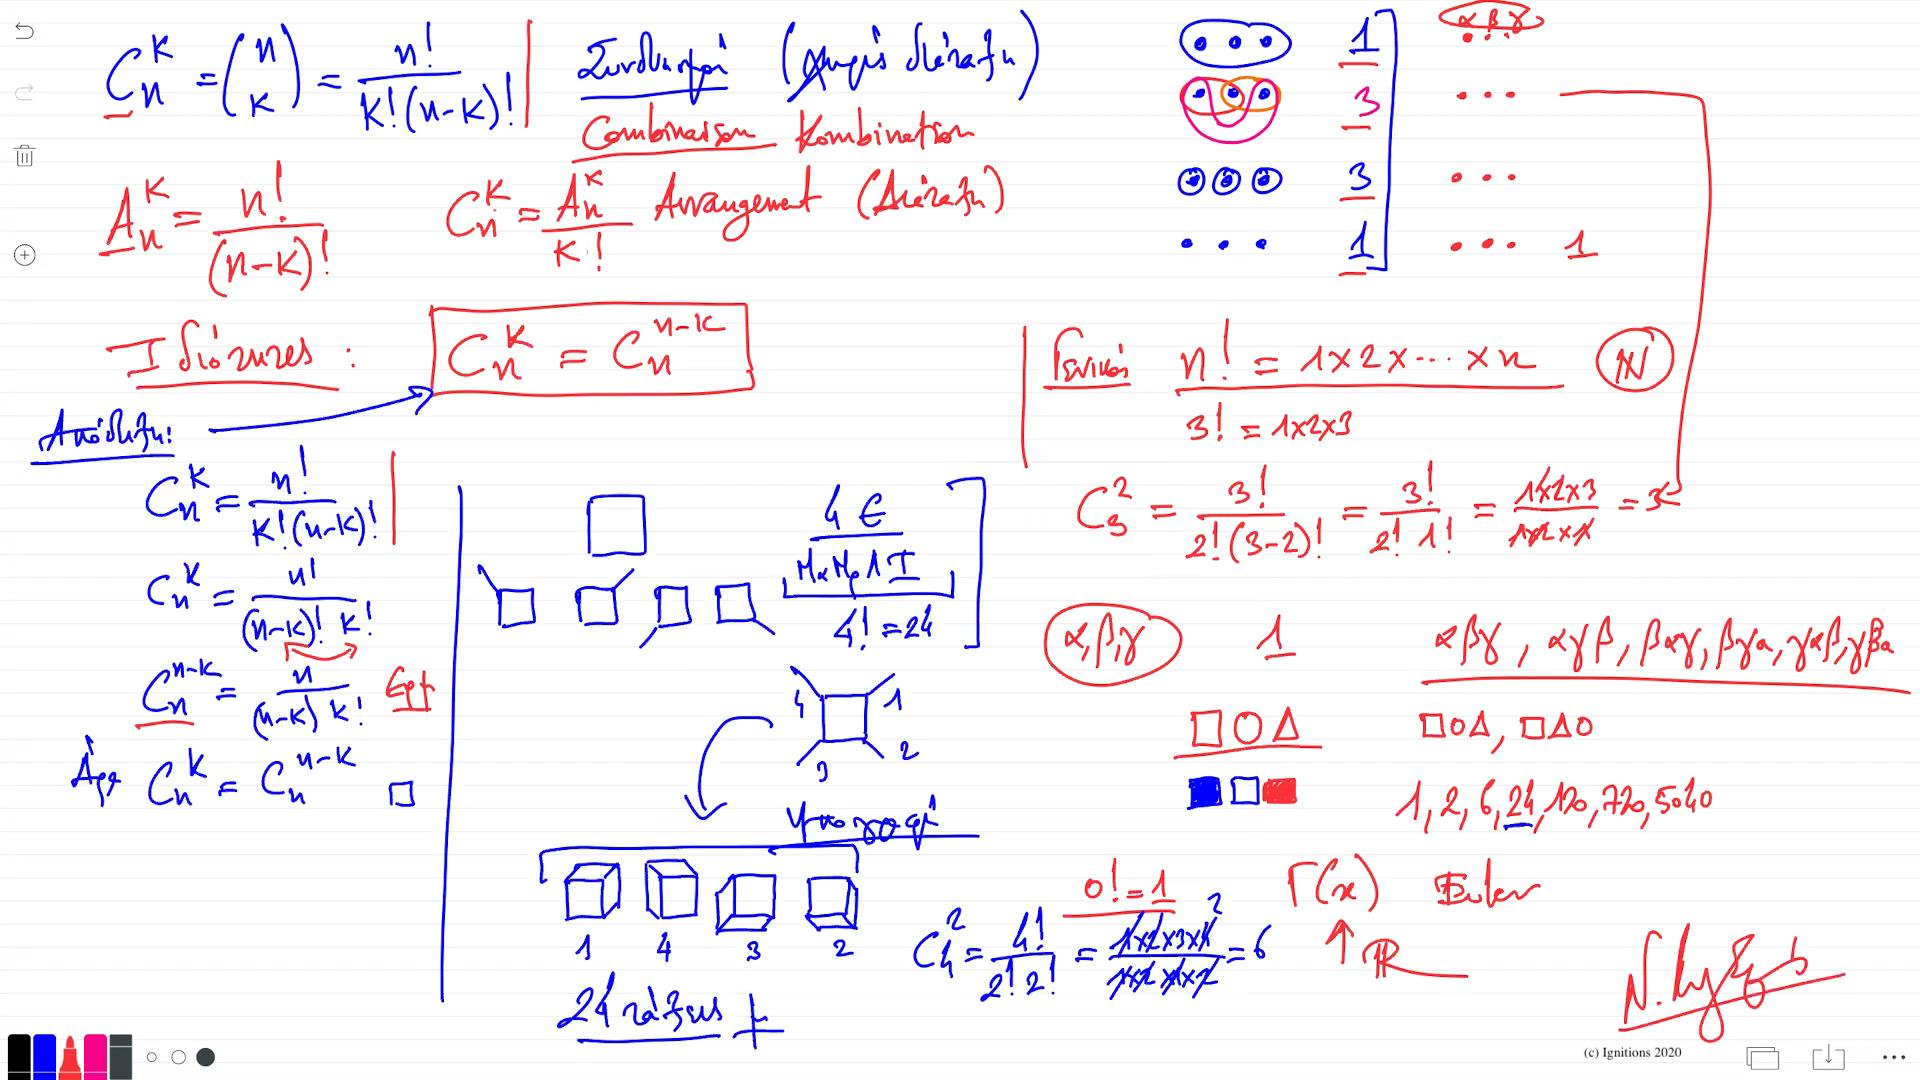 55847 - Συνδυασμοί, Διατάξεις, Pascal, Newton, Leibniz. (Dessin)